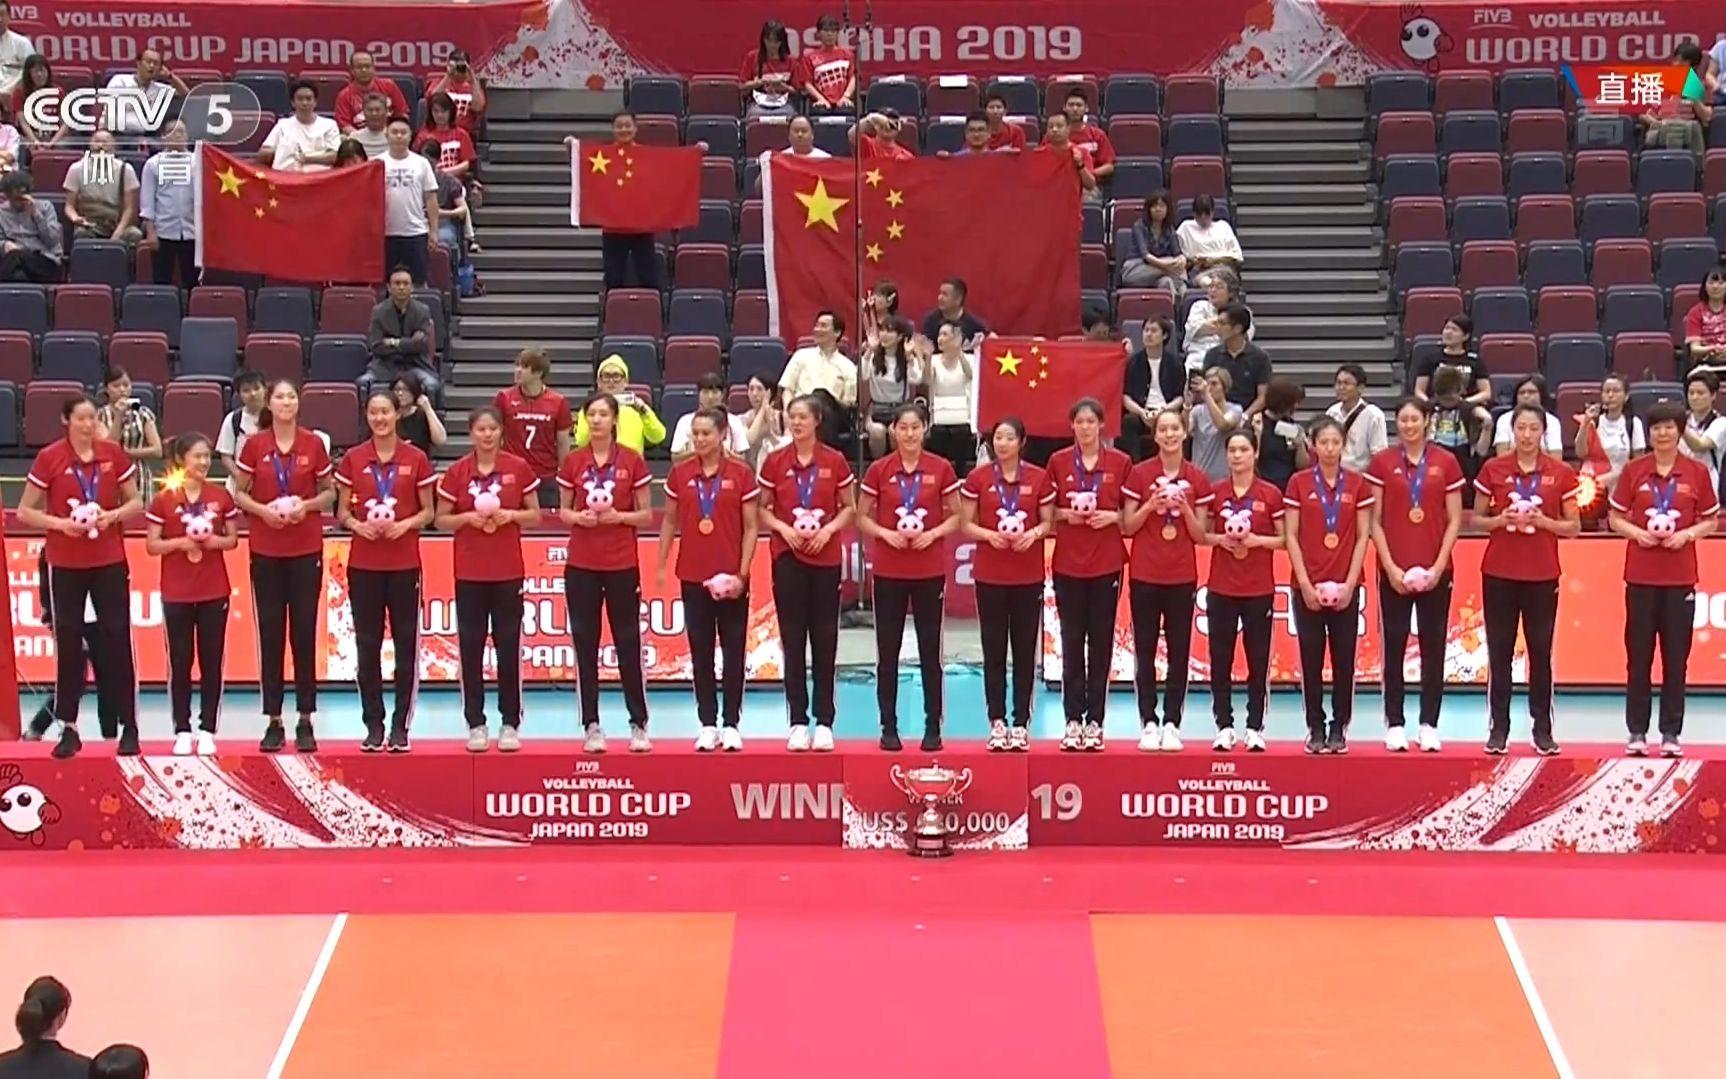 2019年女排世界杯中國女排全勝奪冠全紀錄_嗶哩嗶哩 (゜-゜)つロ 干杯~-bilibili